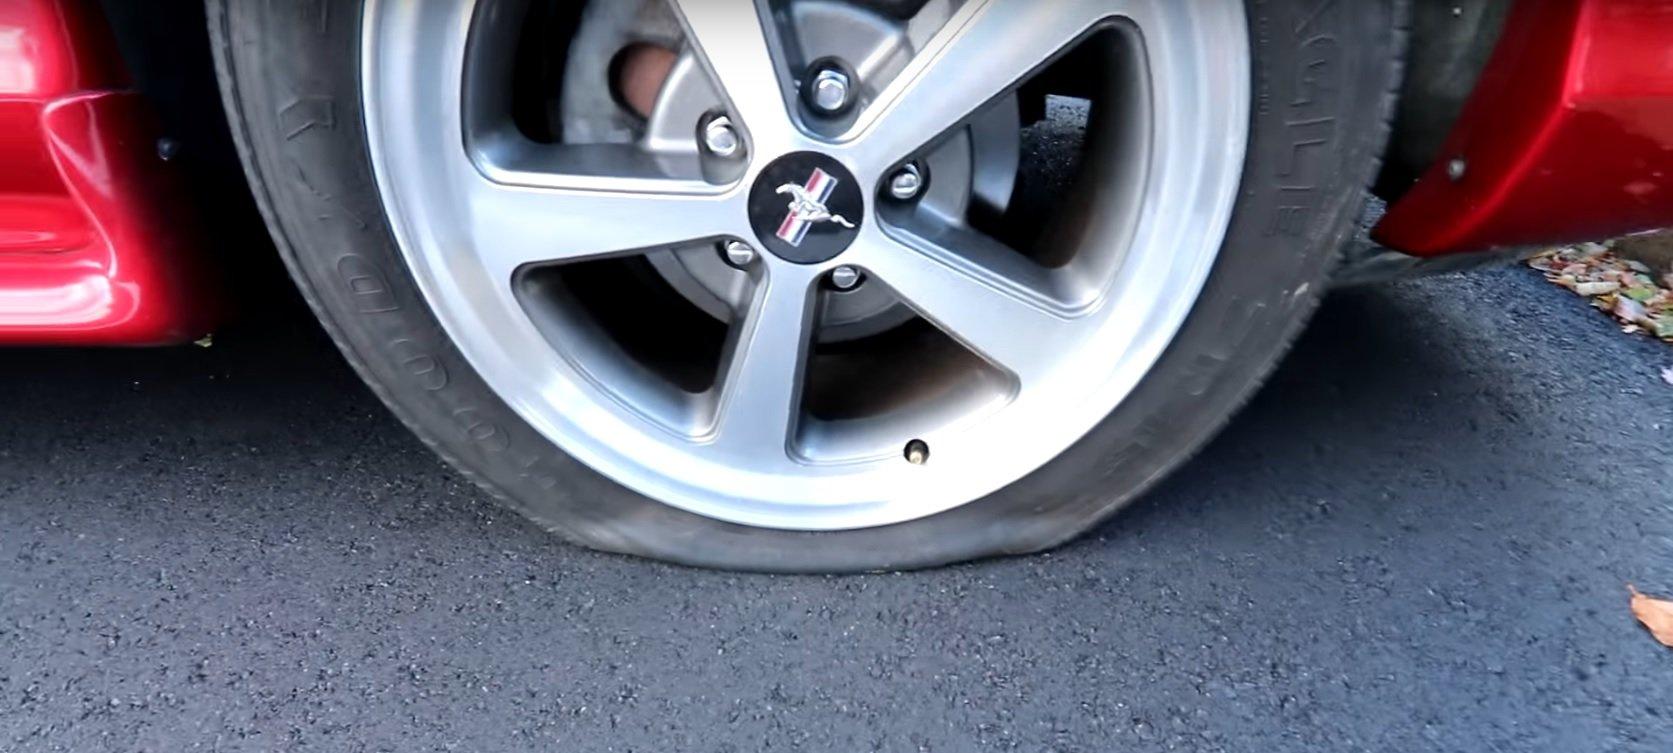 Jak opravit píchlou pneumatiku?